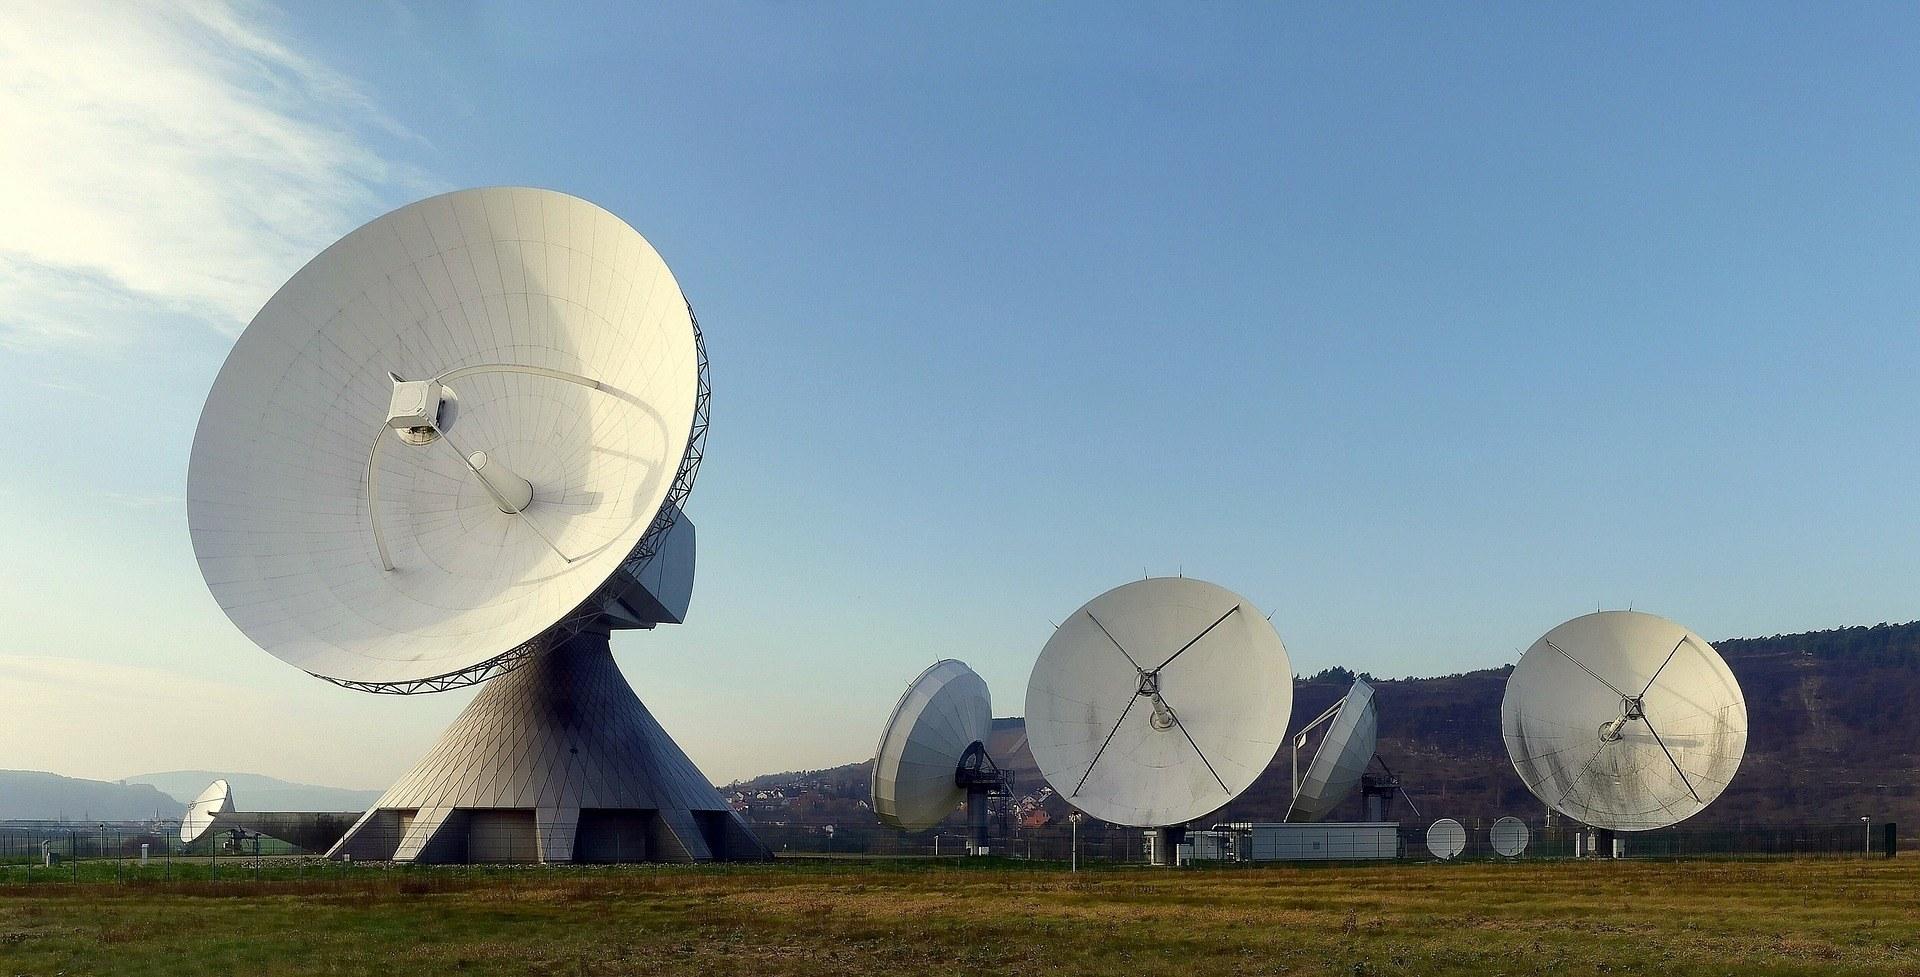 Entfernungsmessung mit radar entfernungsmessung radar u wikipedia